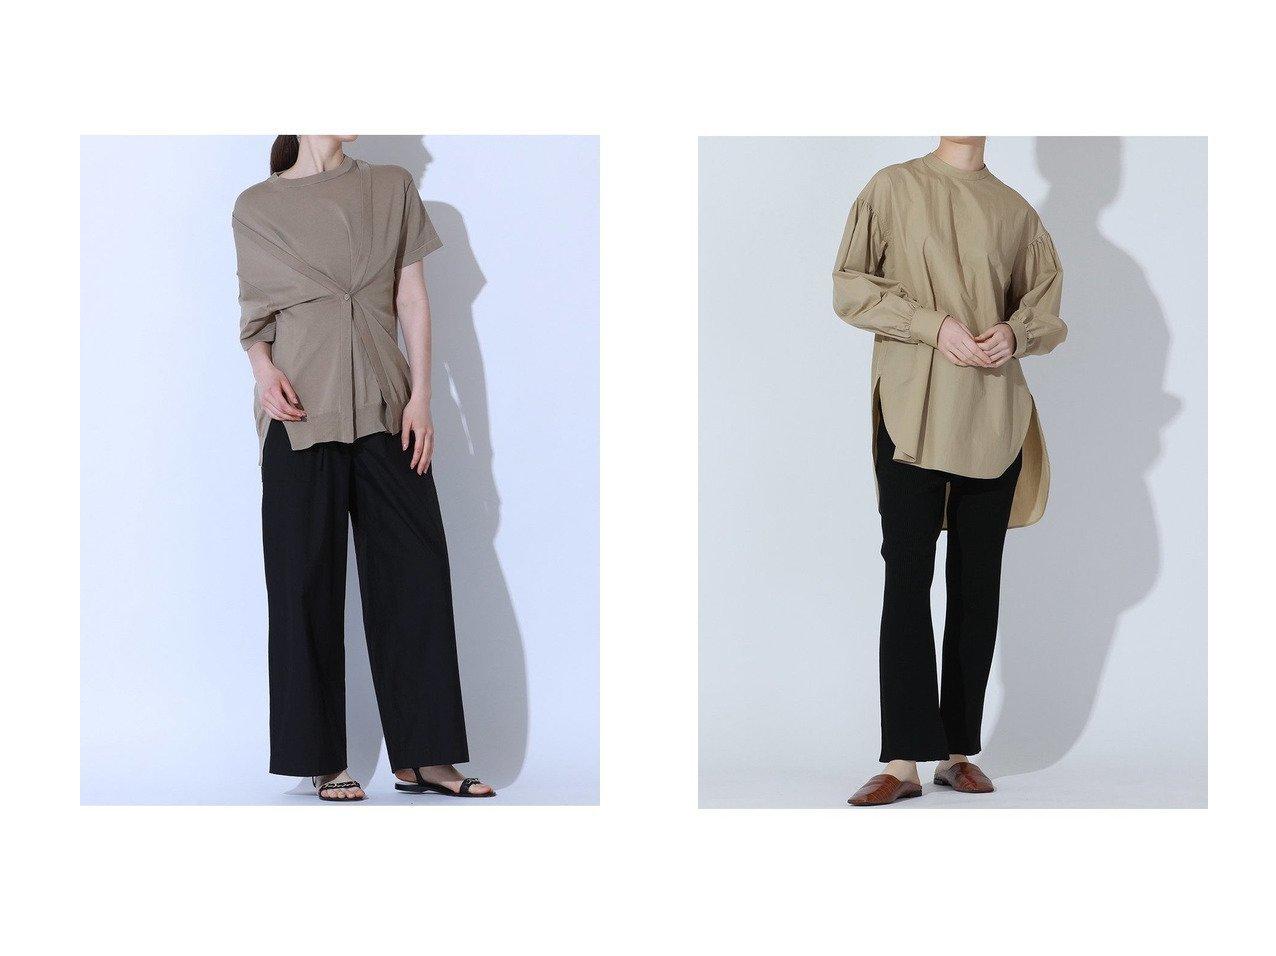 【ESSEN LAUTREAMONT/エッセン ロートレアモン】のメンナイロンダンプパンツ&ニットパンツ 【パンツ】おすすめ!人気、トレンド・レディースファッションの通販 おすすめで人気の流行・トレンド、ファッションの通販商品 インテリア・家具・メンズファッション・キッズファッション・レディースファッション・服の通販 founy(ファニー) https://founy.com/ ファッション Fashion レディースファッション WOMEN パンツ Pants おすすめ Recommend シルク セットアップ ポケット カーディガン スリット  ID:crp329100000043924